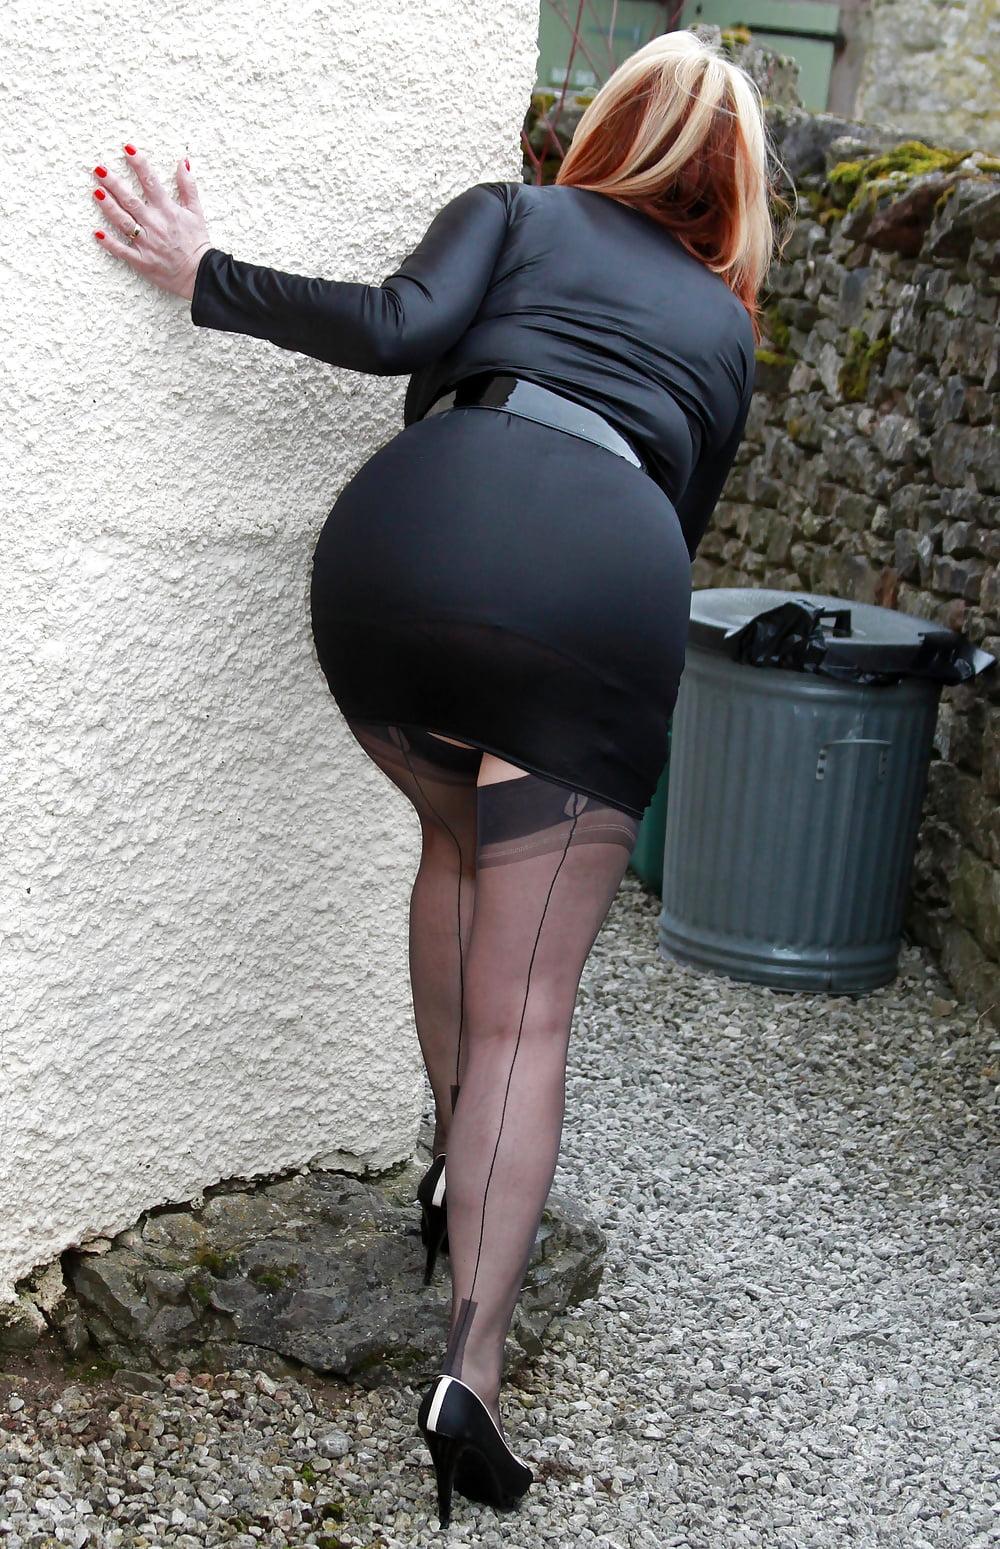 Трах два фото жоп женщин в возрасте в очень узких юбках ебля моей тетей